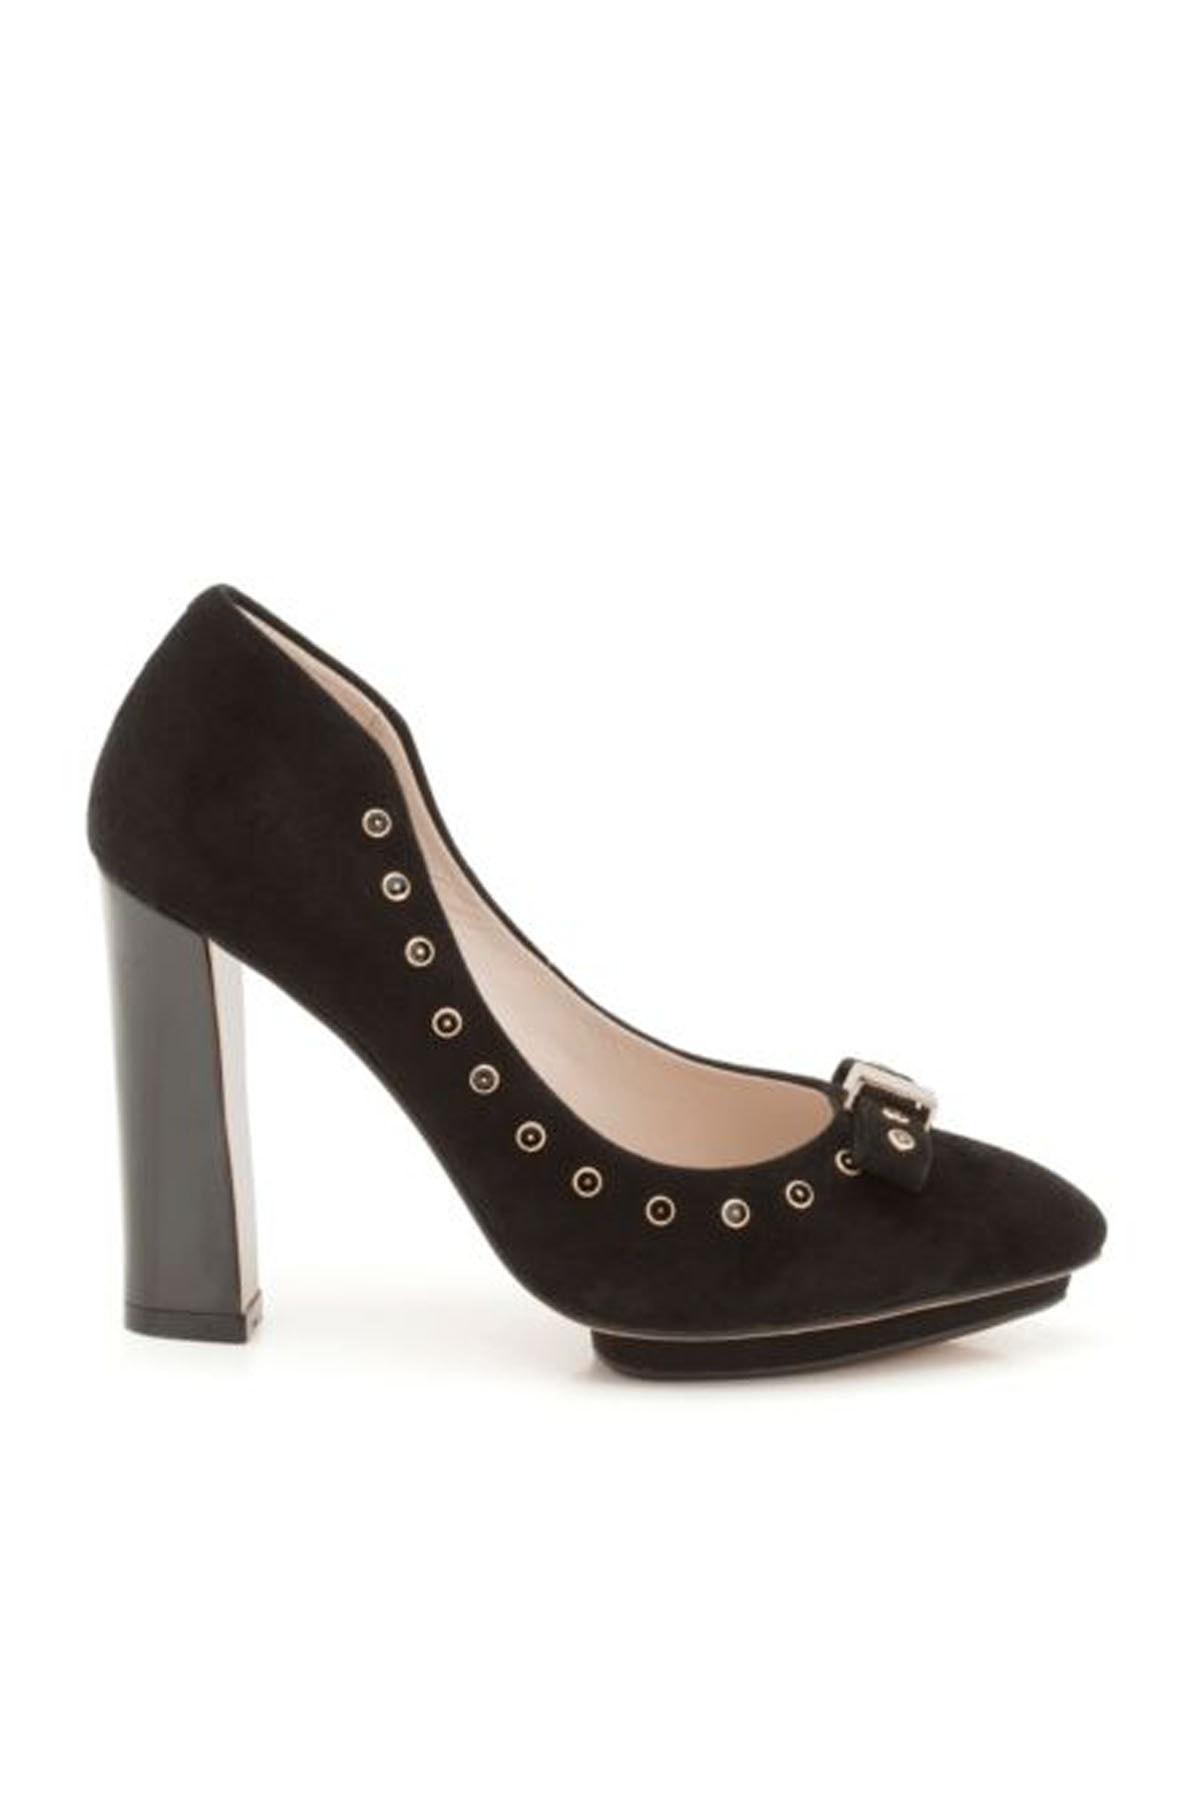 CLARKS Kadın Siyah Topuklu  Ayakkabı 2